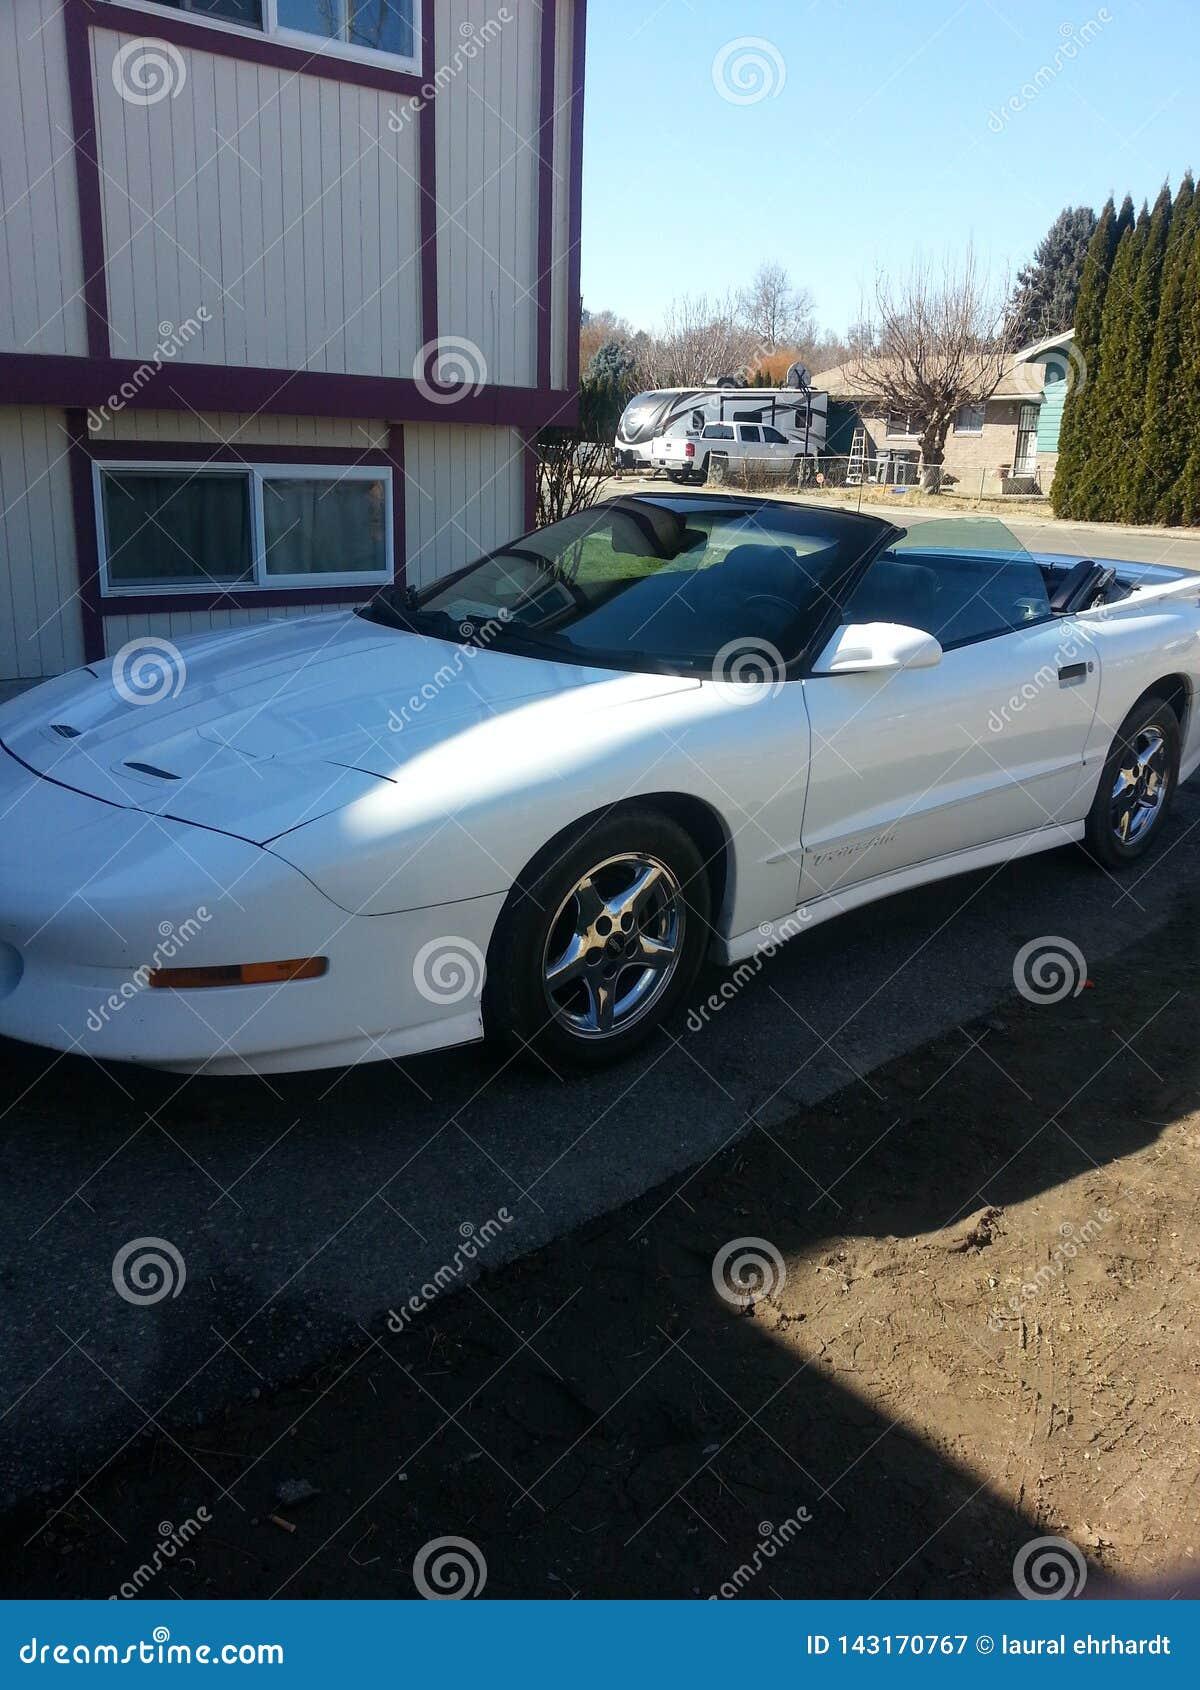 car in white